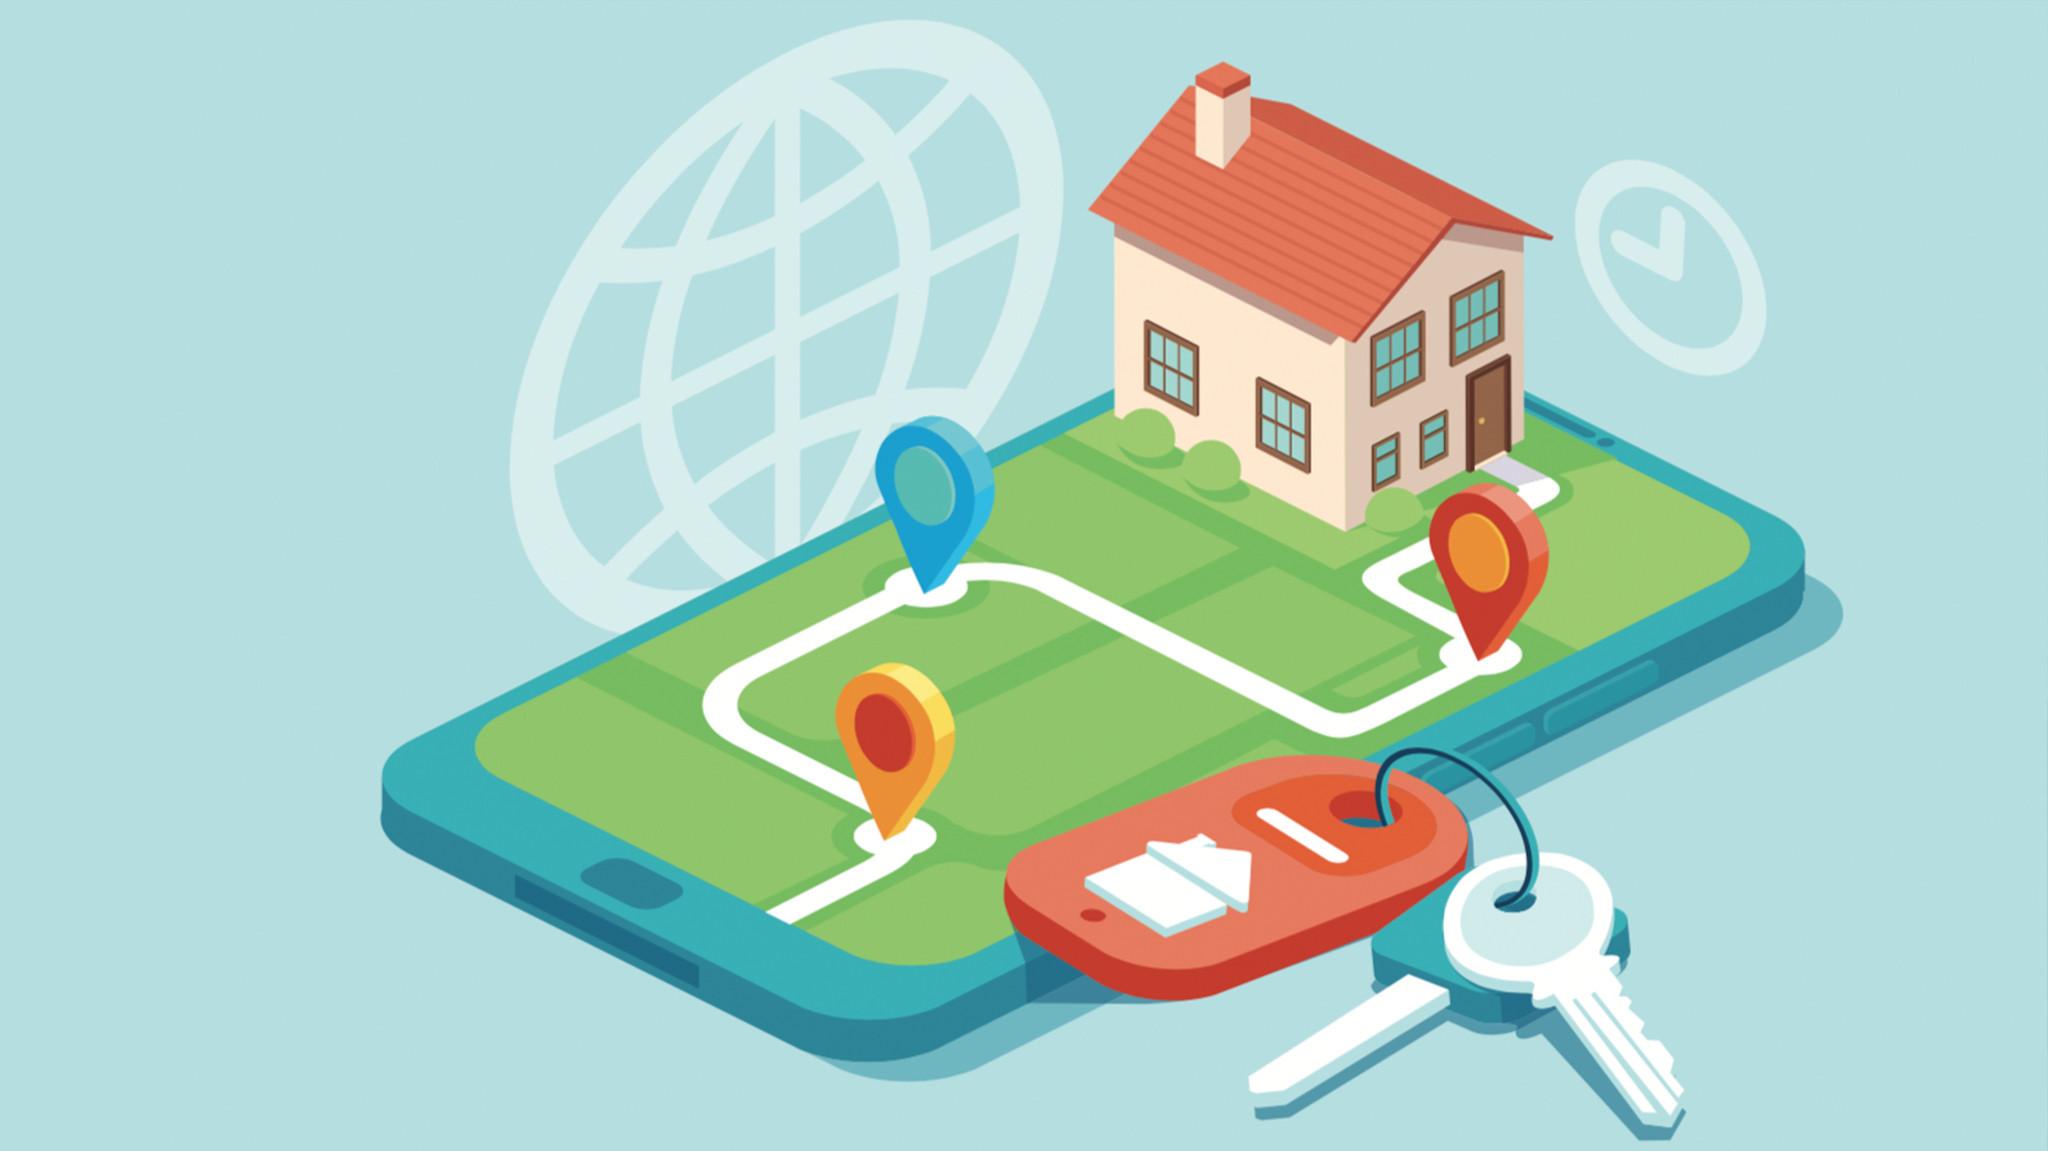 Inmobiliarias potencian sus procesos digitales para aprovechar mayor captación de clientes